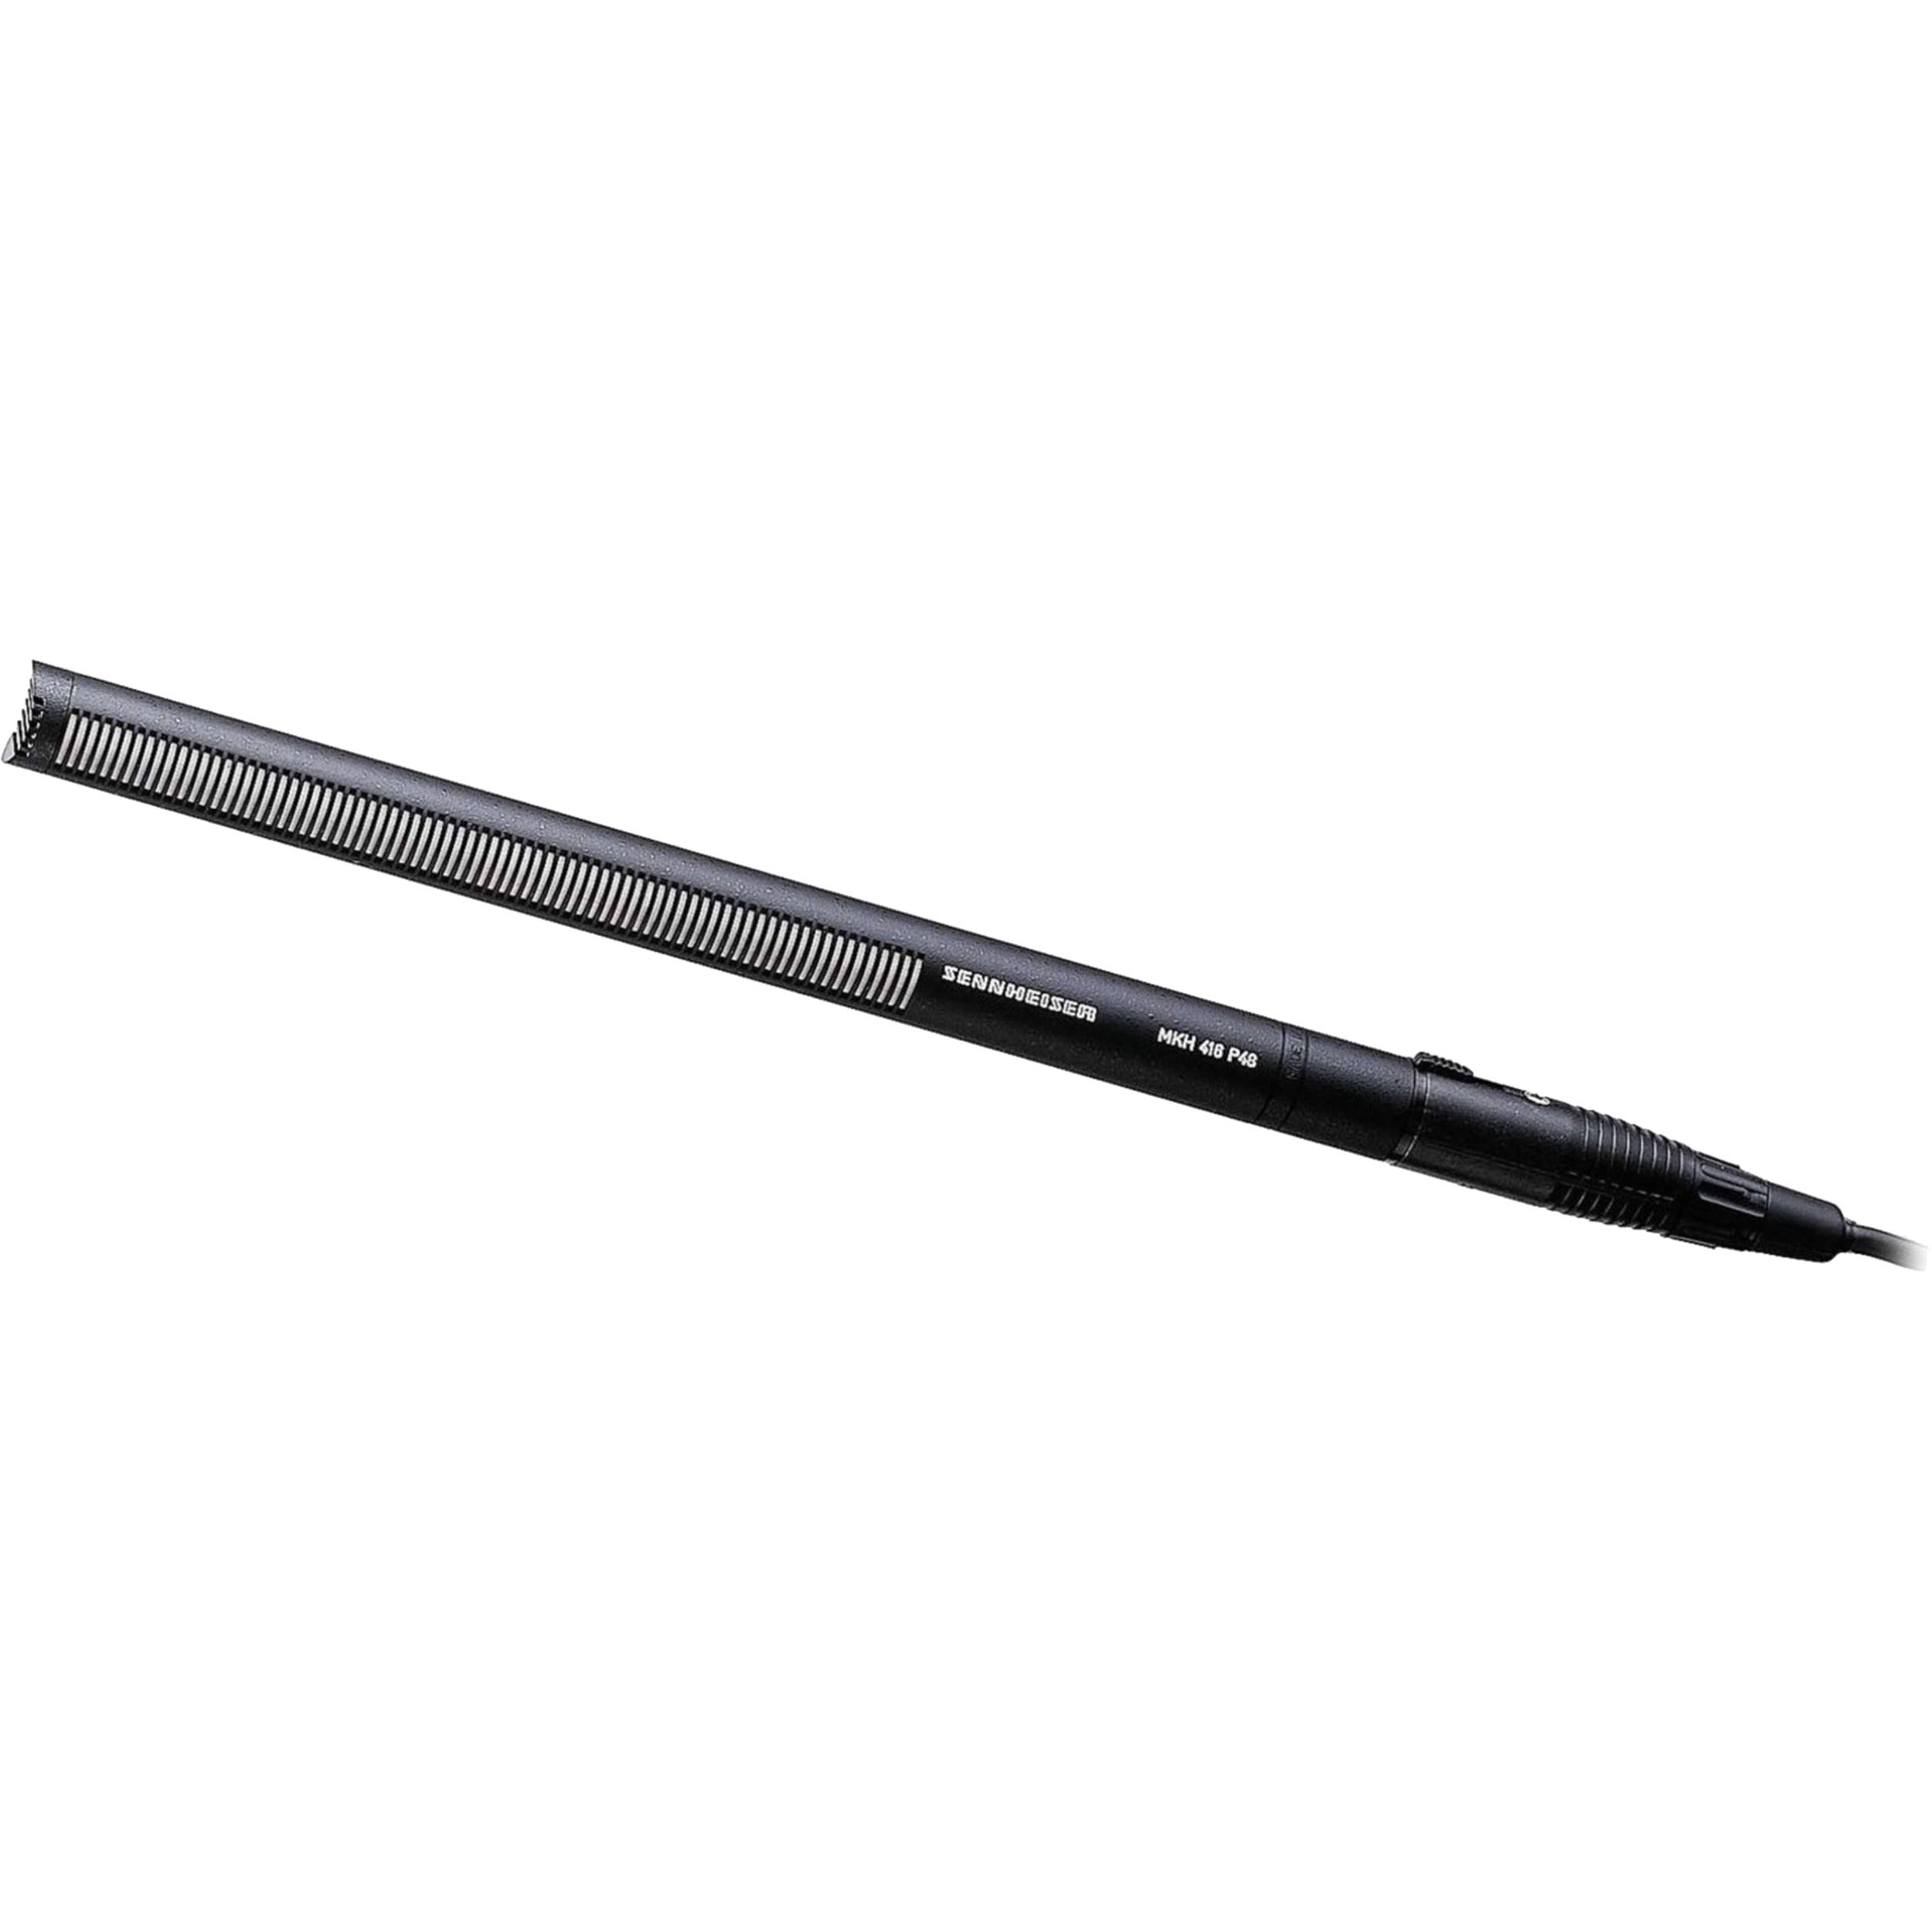 Sennheiser 416 Shotgun : sennheiser mkh 416 p48u3 moisture resistant shotgun mkh416 p48 ~ Hamham.info Haus und Dekorationen